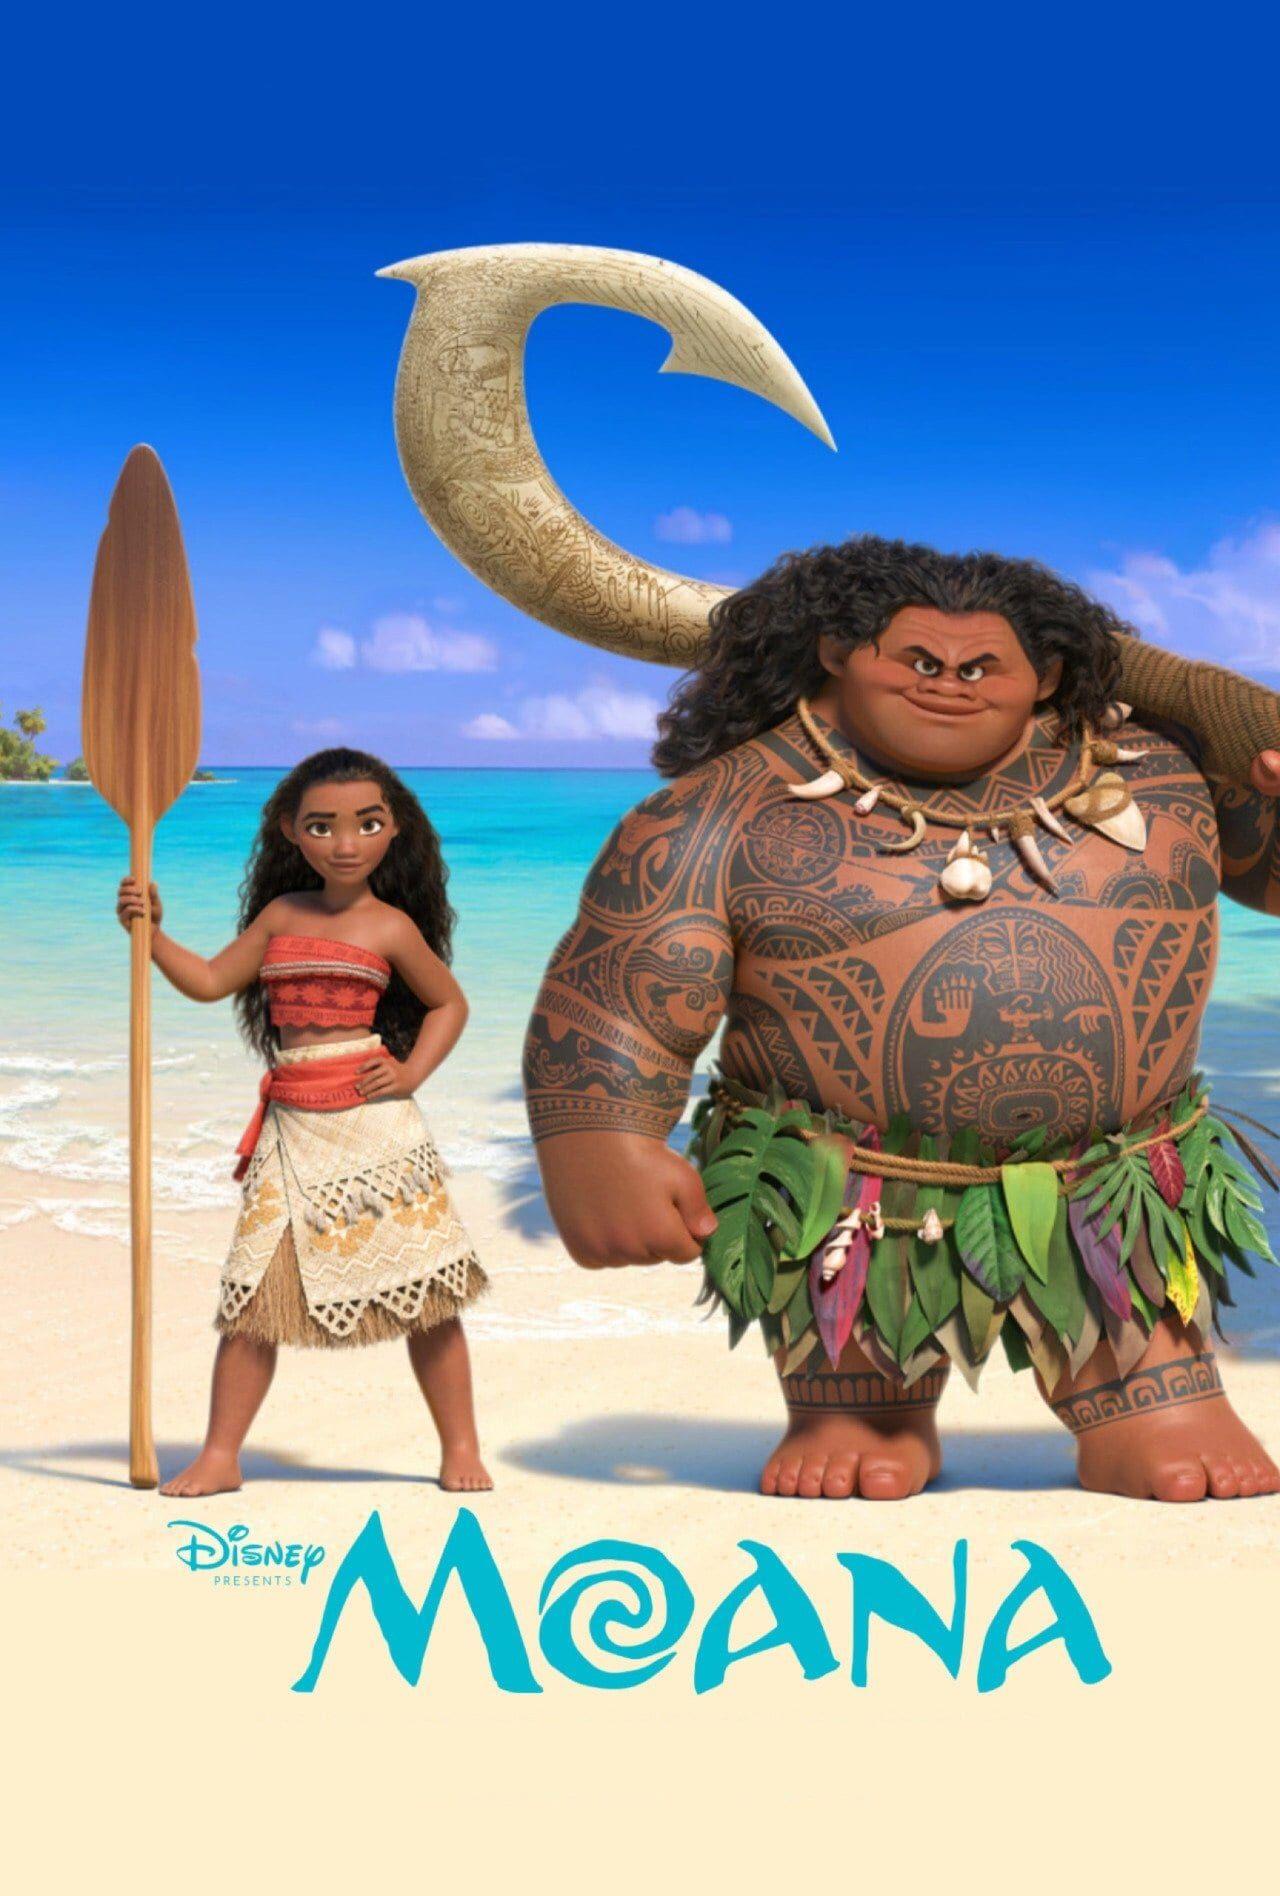 moana movie free download worldfree4u